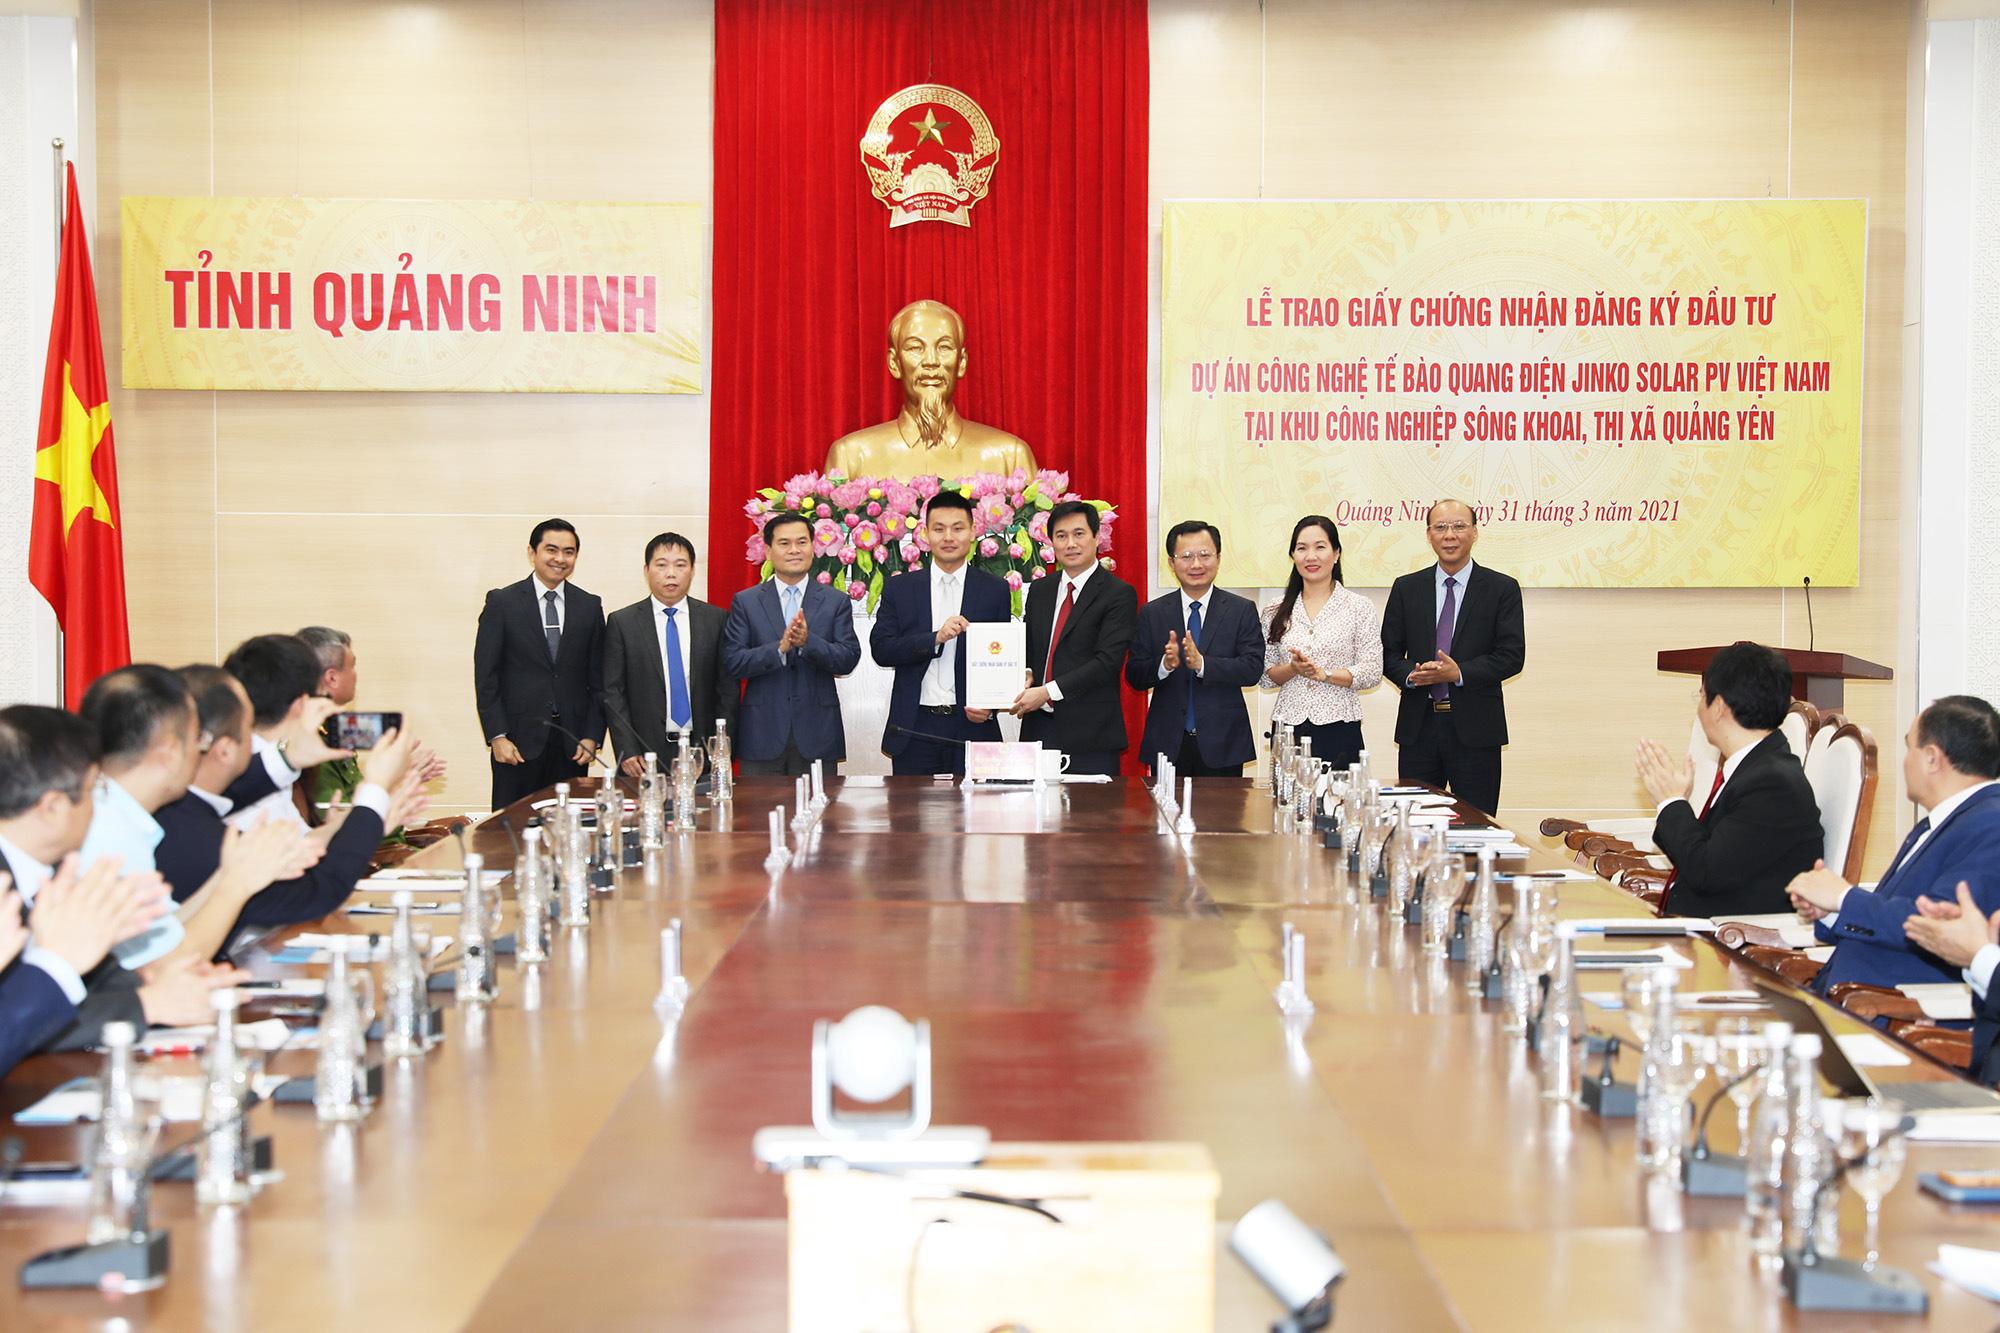 Quảng Ninh: Trao giấy chứng nhận đầu tư 500 triệu USD vào KCN Sông Khoai - Ảnh 1.